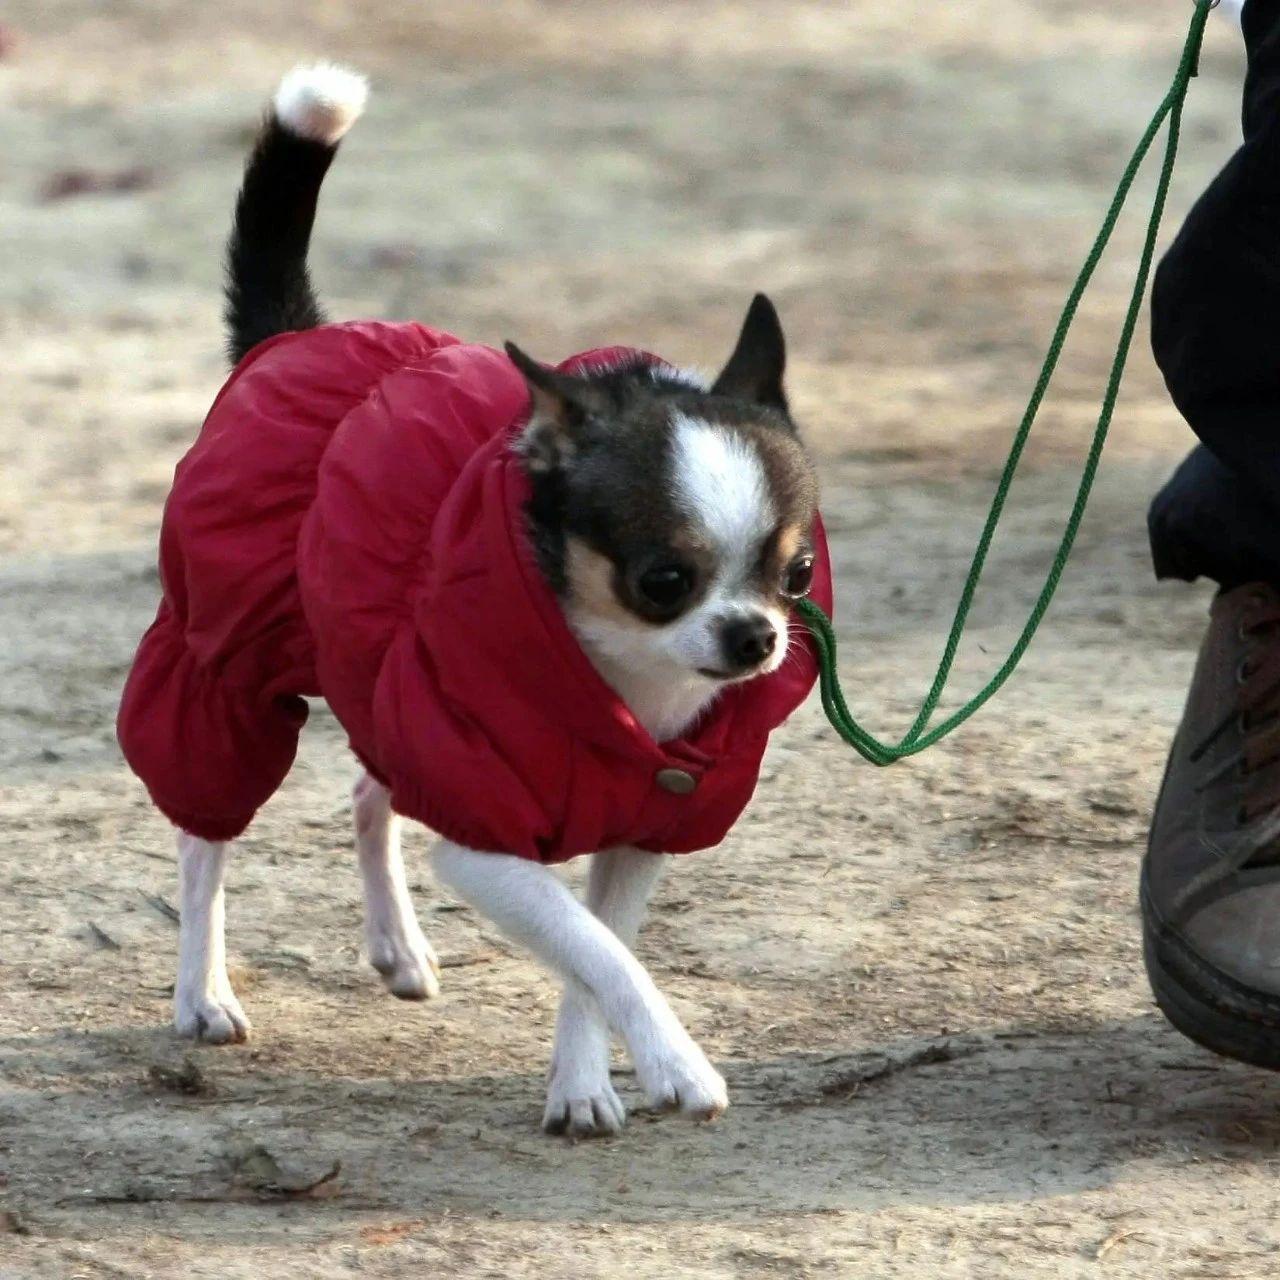 七旬老人不满小区狗吠,毒杀22只宠物犬被判刑